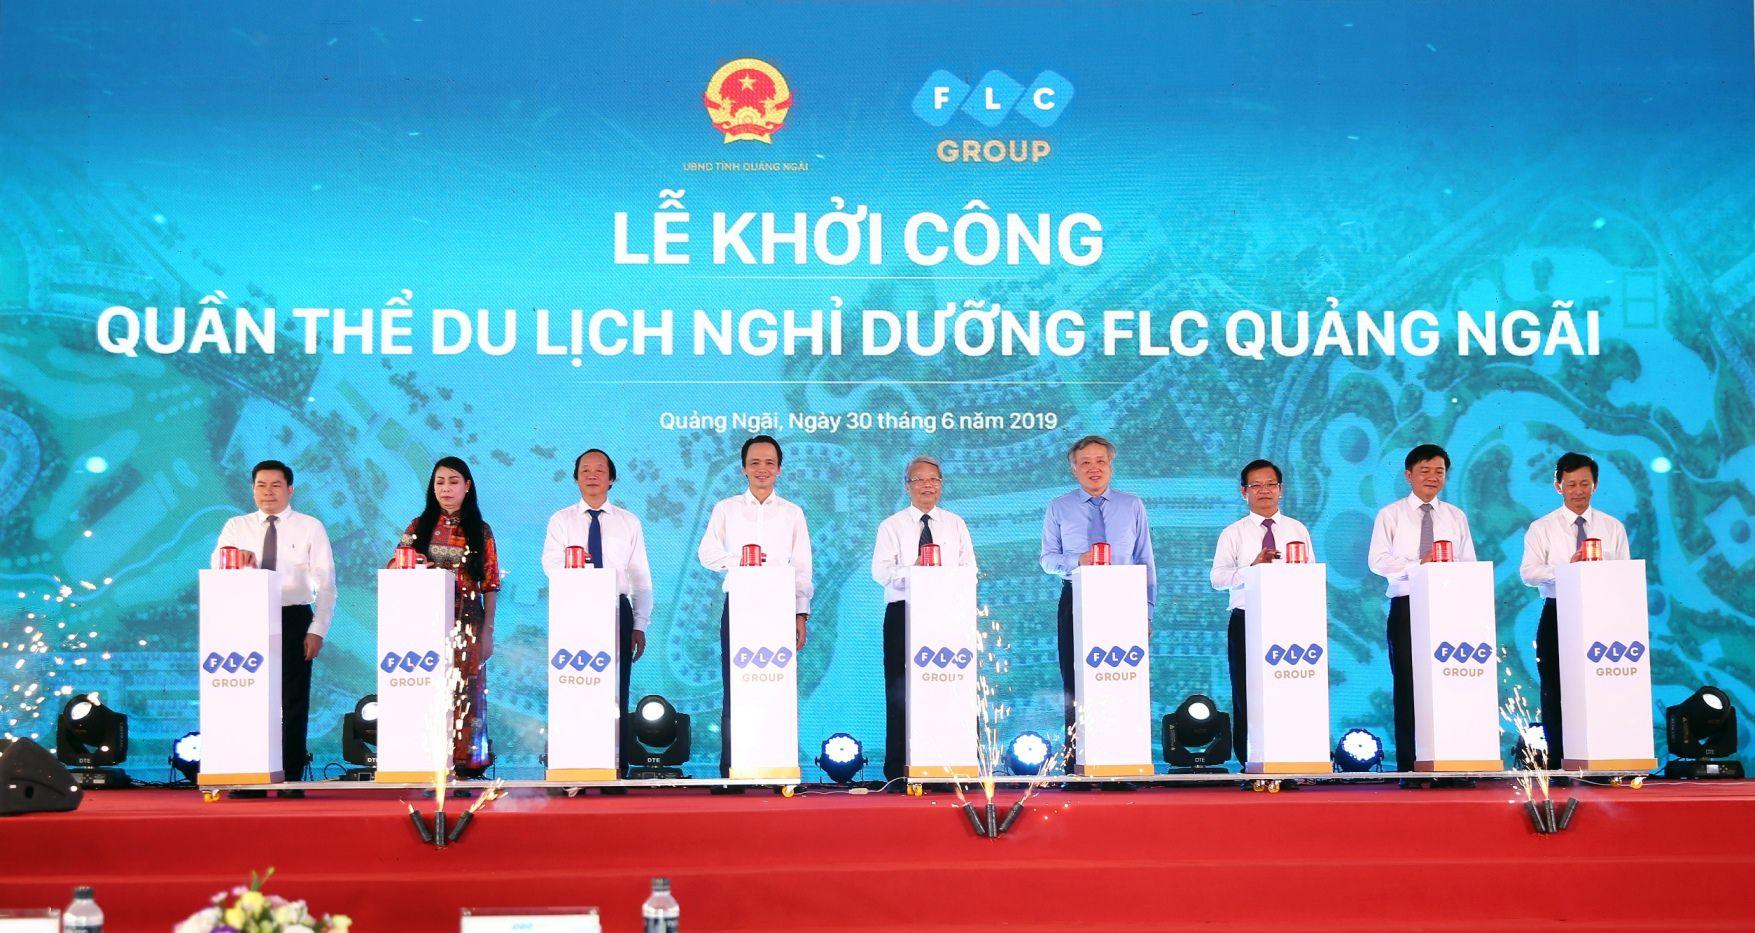 du-an-quan-the-du-lich-nghi-duong-flc-quang-ngai-khu-do-thi-van-tuong